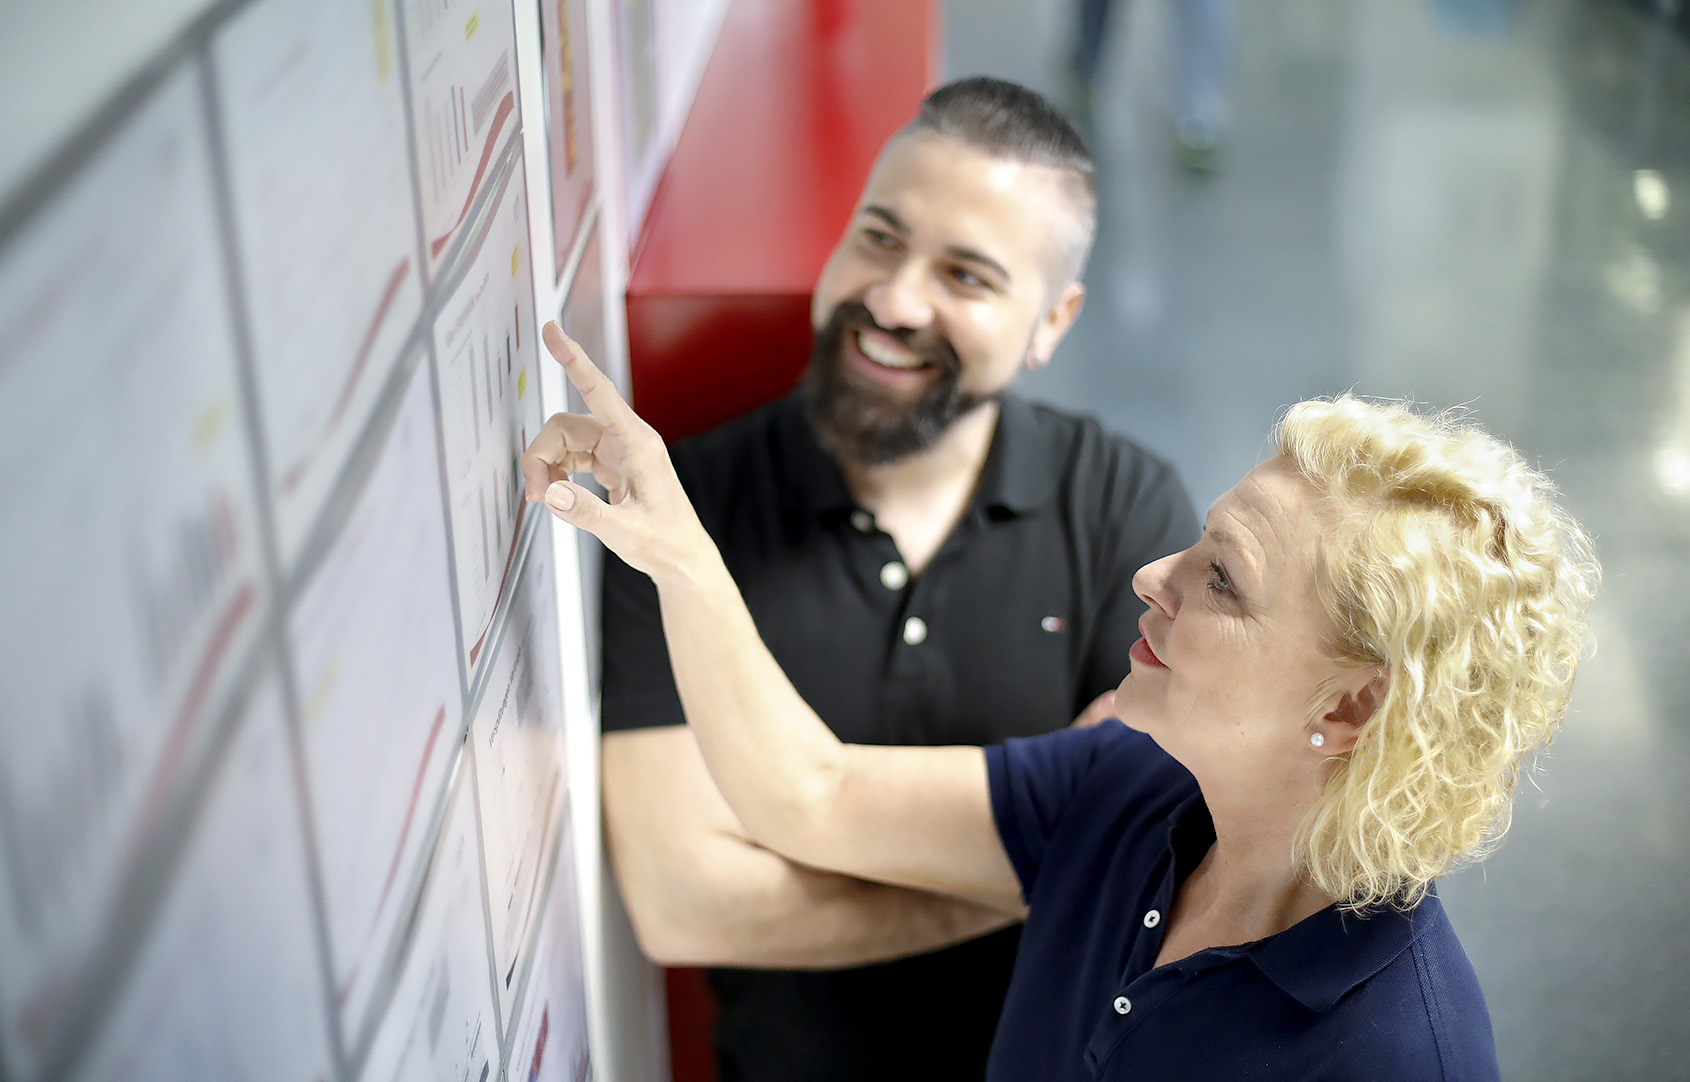 Bei der VRM steht vieles im Vordergrund: Wissen vermitteln, gut zusammenarbeiten, freundlich miteinander umgehen.